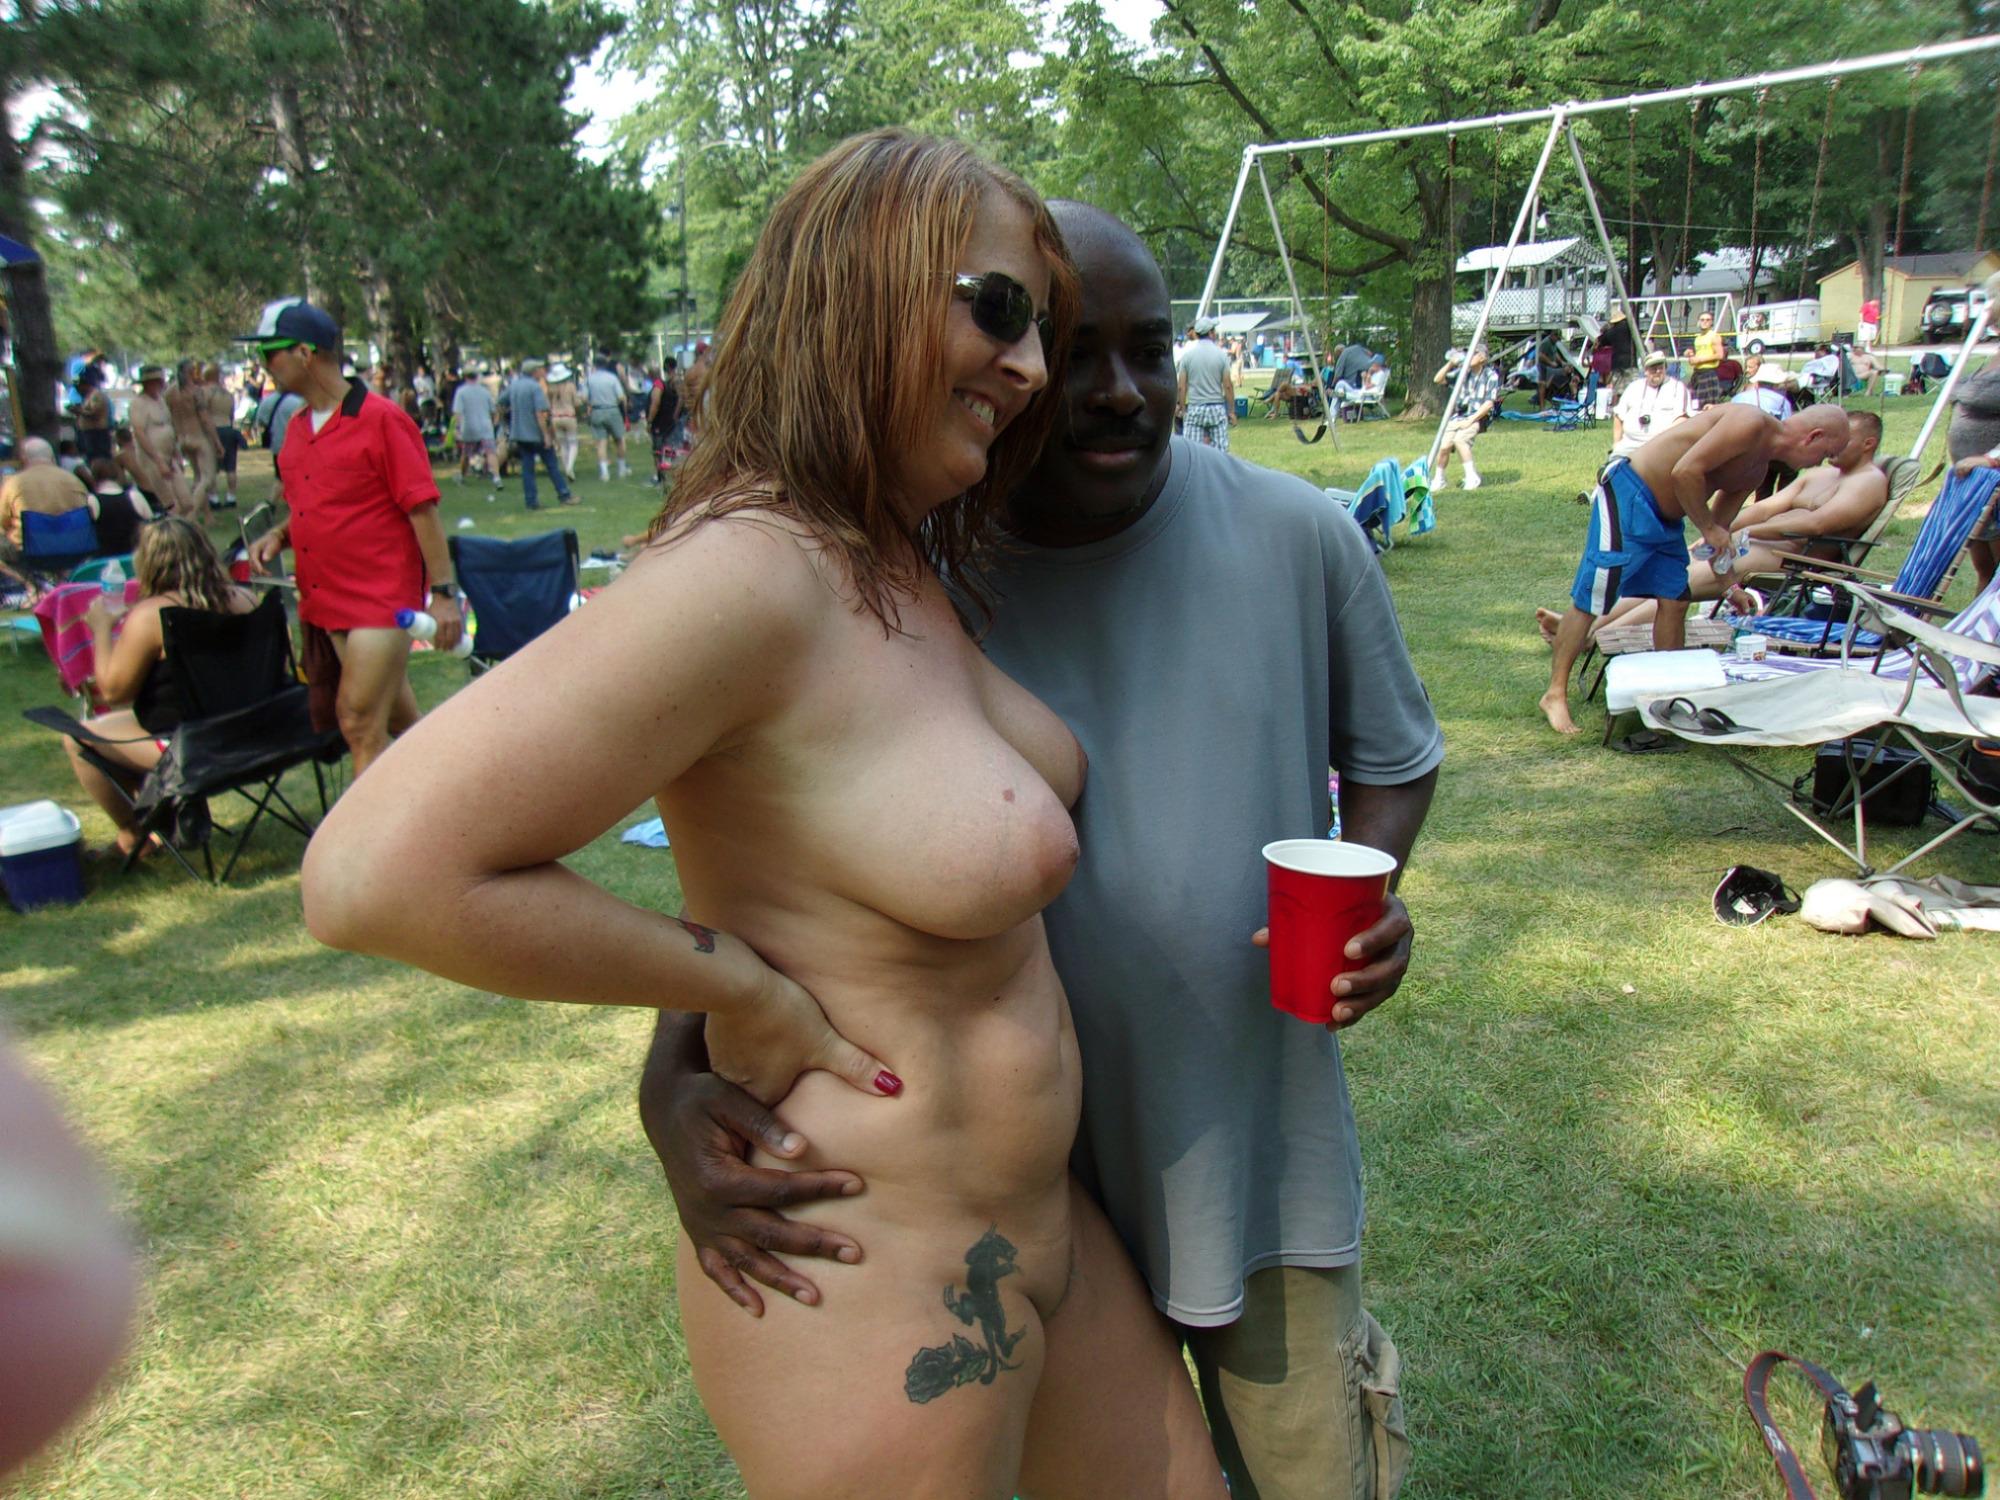 Campamento Nudista Fotos Porno Amateur